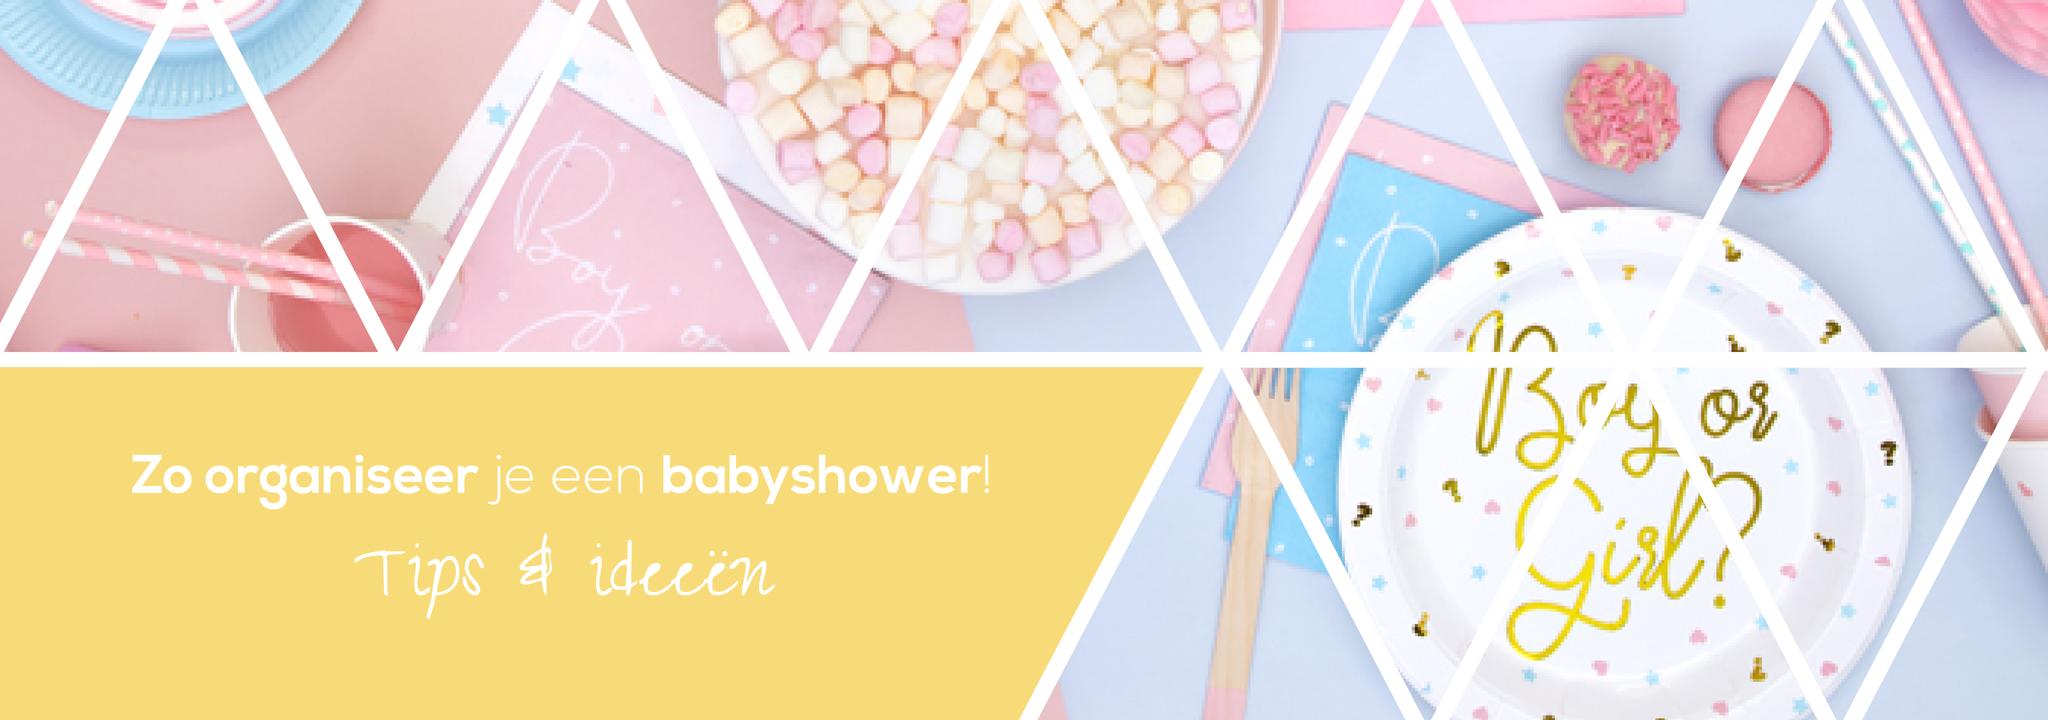 Zo organiseer je een babyshower: tips & ideeën